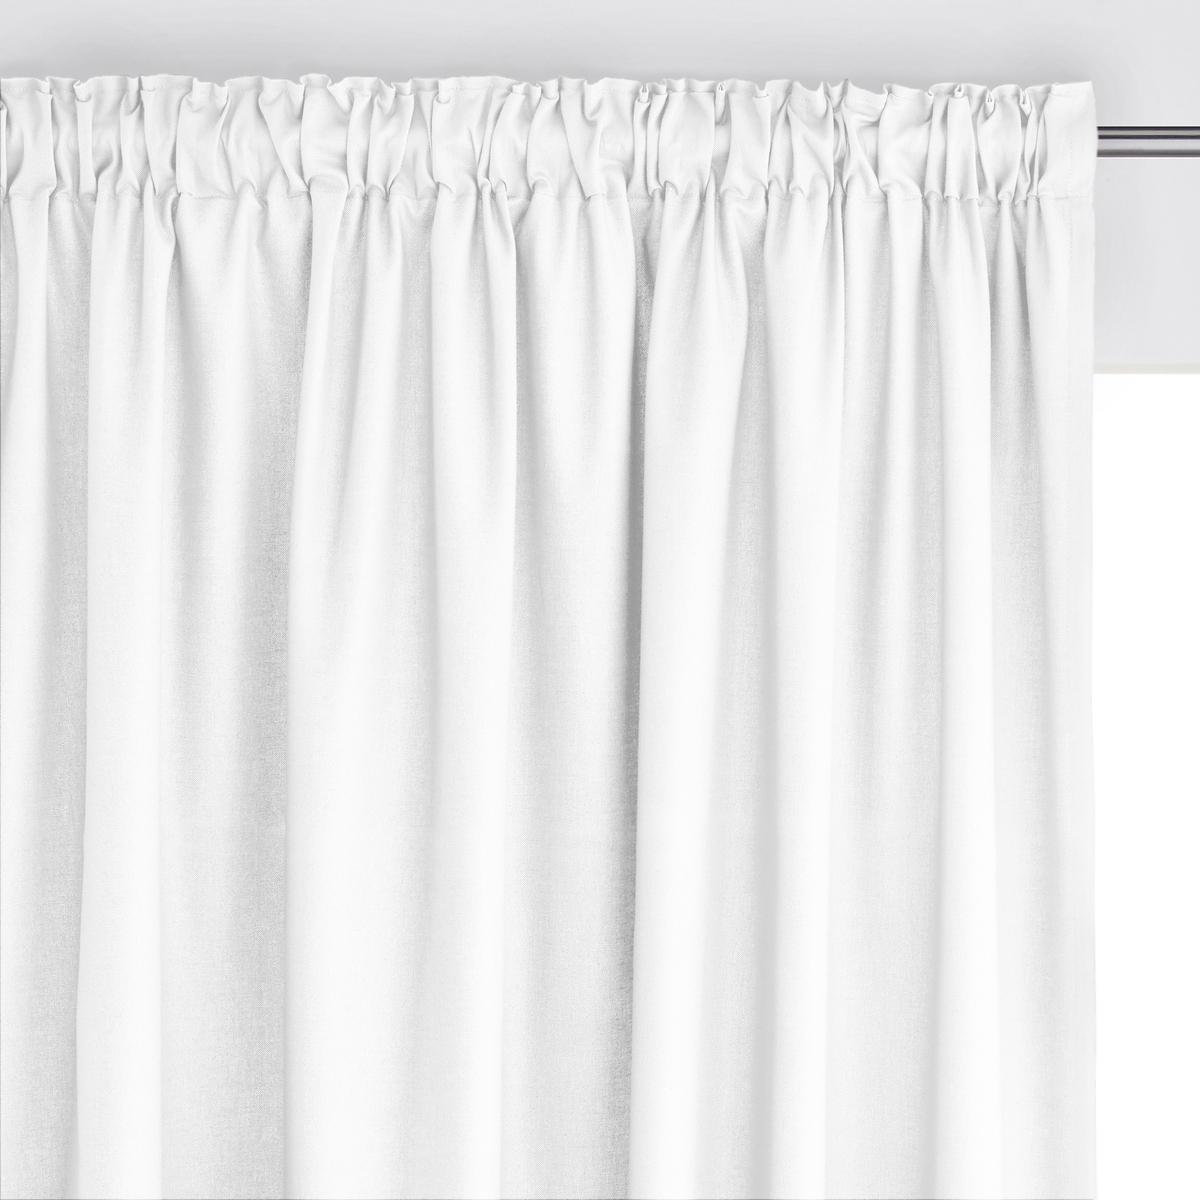 Штора 100% хлопка с отделкой тесьмойШтора из красивой и очень прочной ткани 100% хлопка (220г/м?) .               Отделка тесьмой со складками, низ с перекидным швом (продается с термоклейкой лентой для создание подрубленного края).Гамма штор сочетается с коллекцией декора SCENARIO  .Крючок для крепления в комплекте                            Машинная стирка при 40 °С. Отличная стойкость цветов при стирке и на свету .                                                                      Производство осуществляется с учетом стандартов по защите окружающей среды и здоровья человека, что подтверждено сертификатом Oeko-tex®.<br><br>Цвет: белый,бледно-зеленый,вишневый,медовый,серо-коричневый,серый жемчужный,темно-серый,темно-синий<br>Размер: 180 x 135  см.260 x 135 см.180 x 135  см.260 x 135 см.350 x 135  см